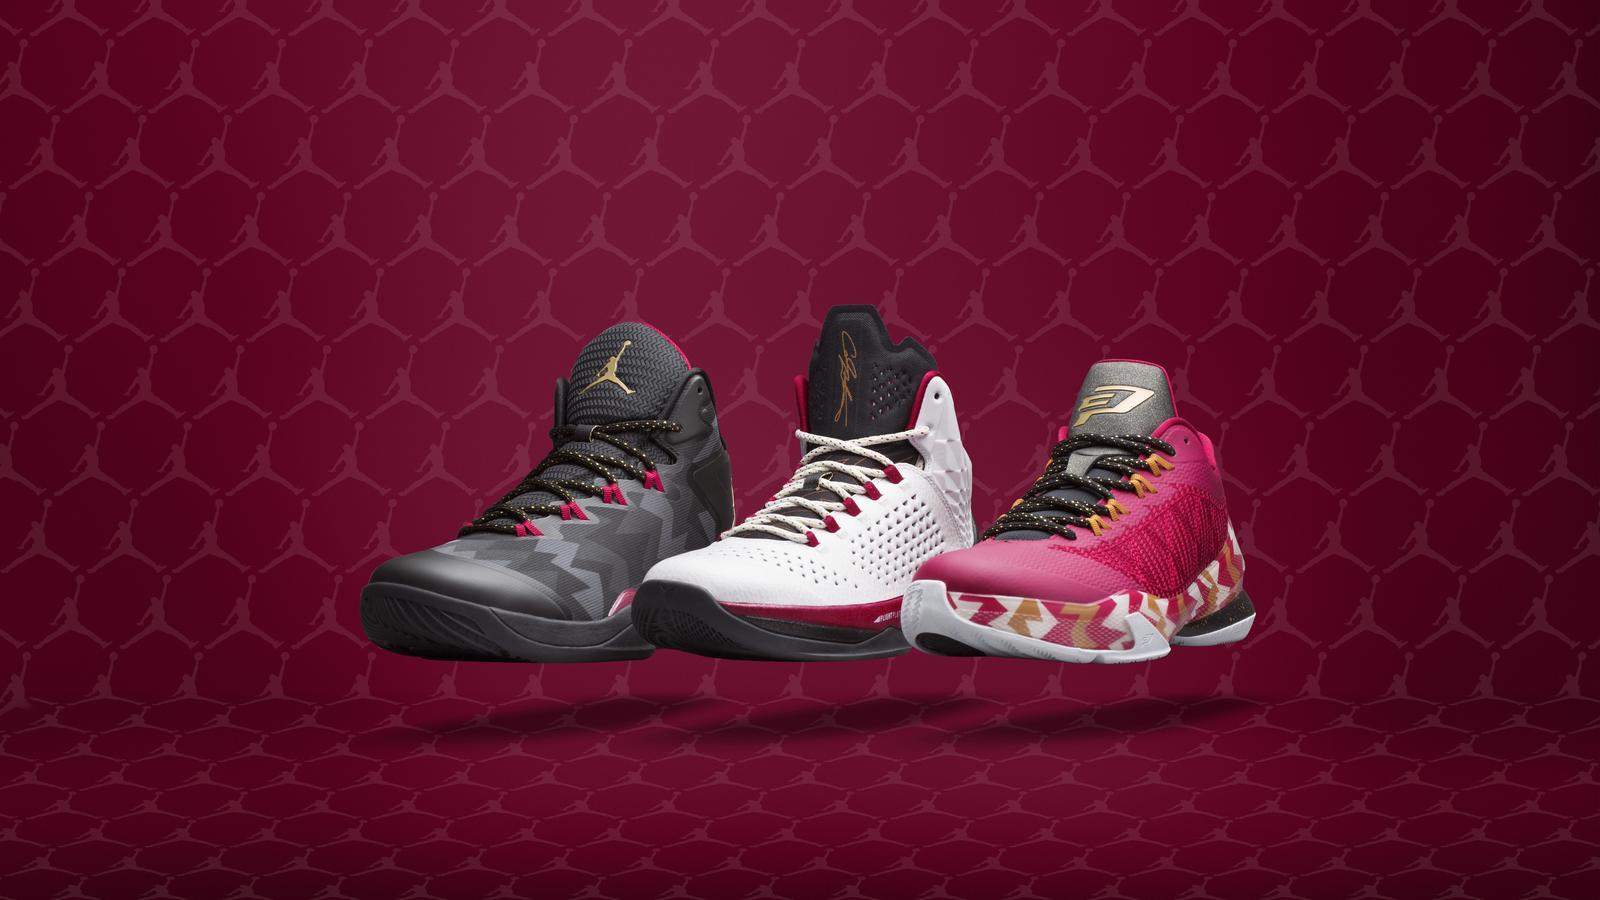 Jordan Signature Footwear